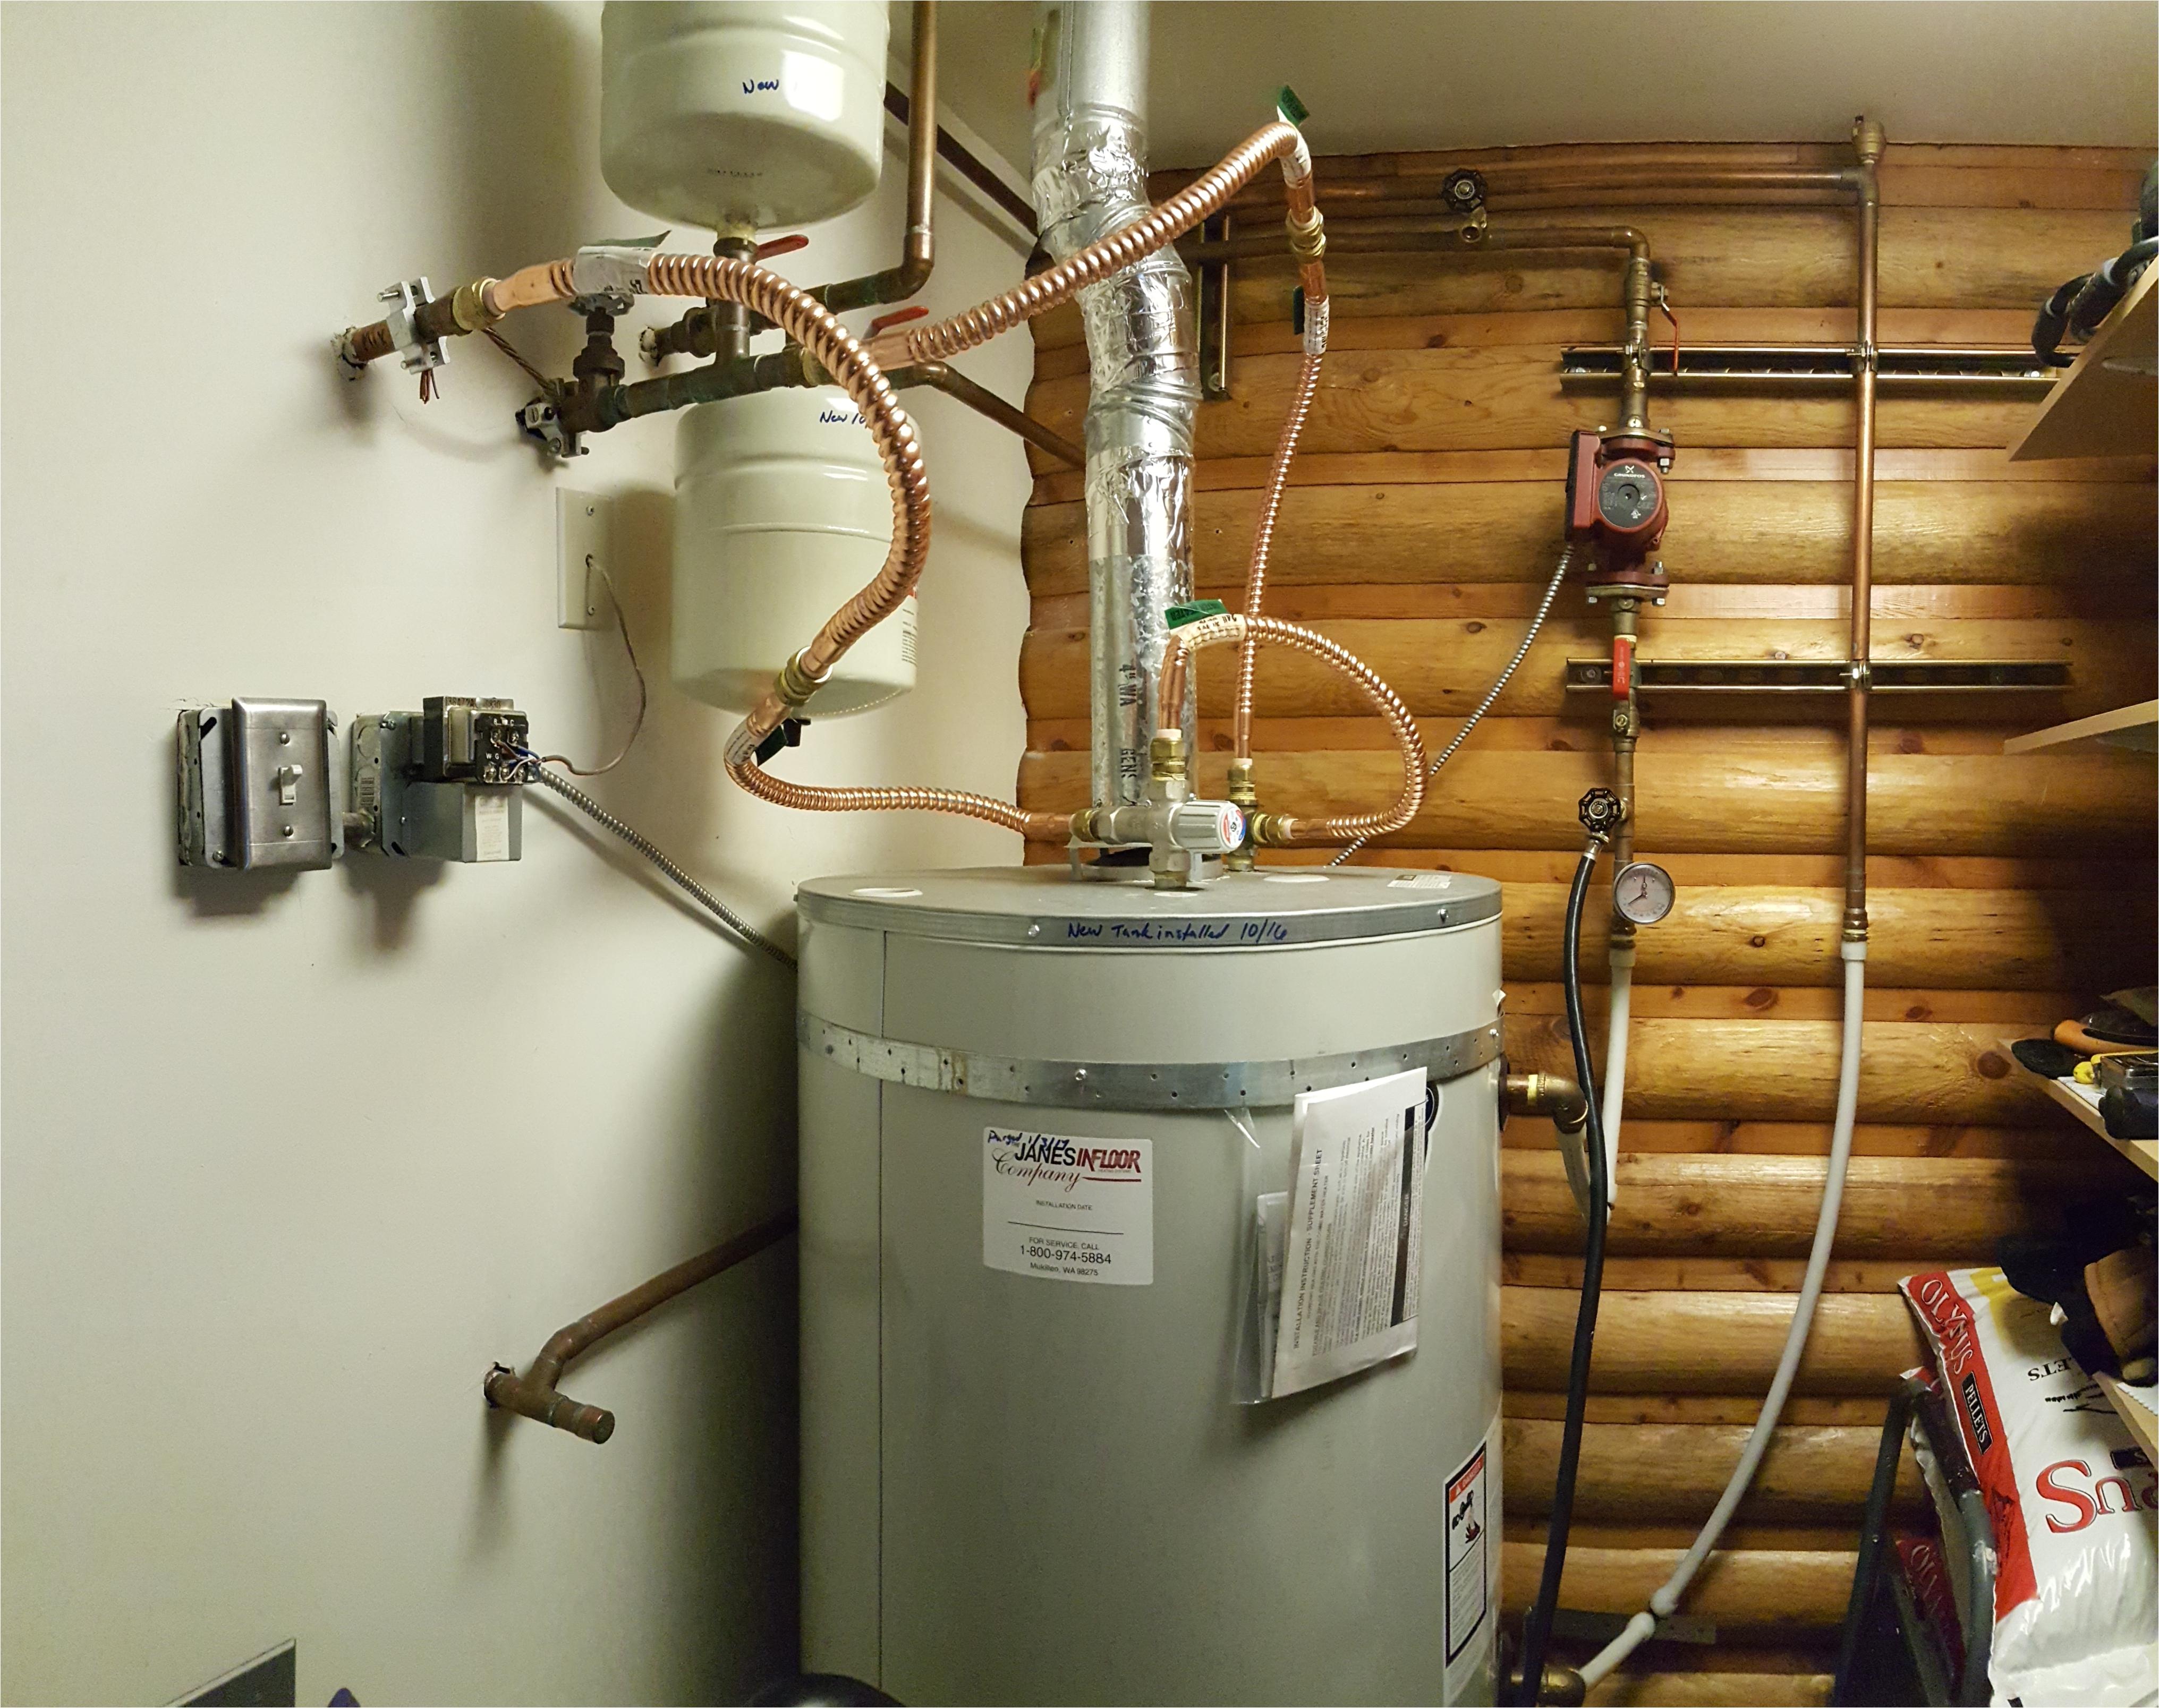 Best Propane Boiler for Radiant Floor Heat Fluctuating Pressure In Radiant Flooring Heating Help the Wall